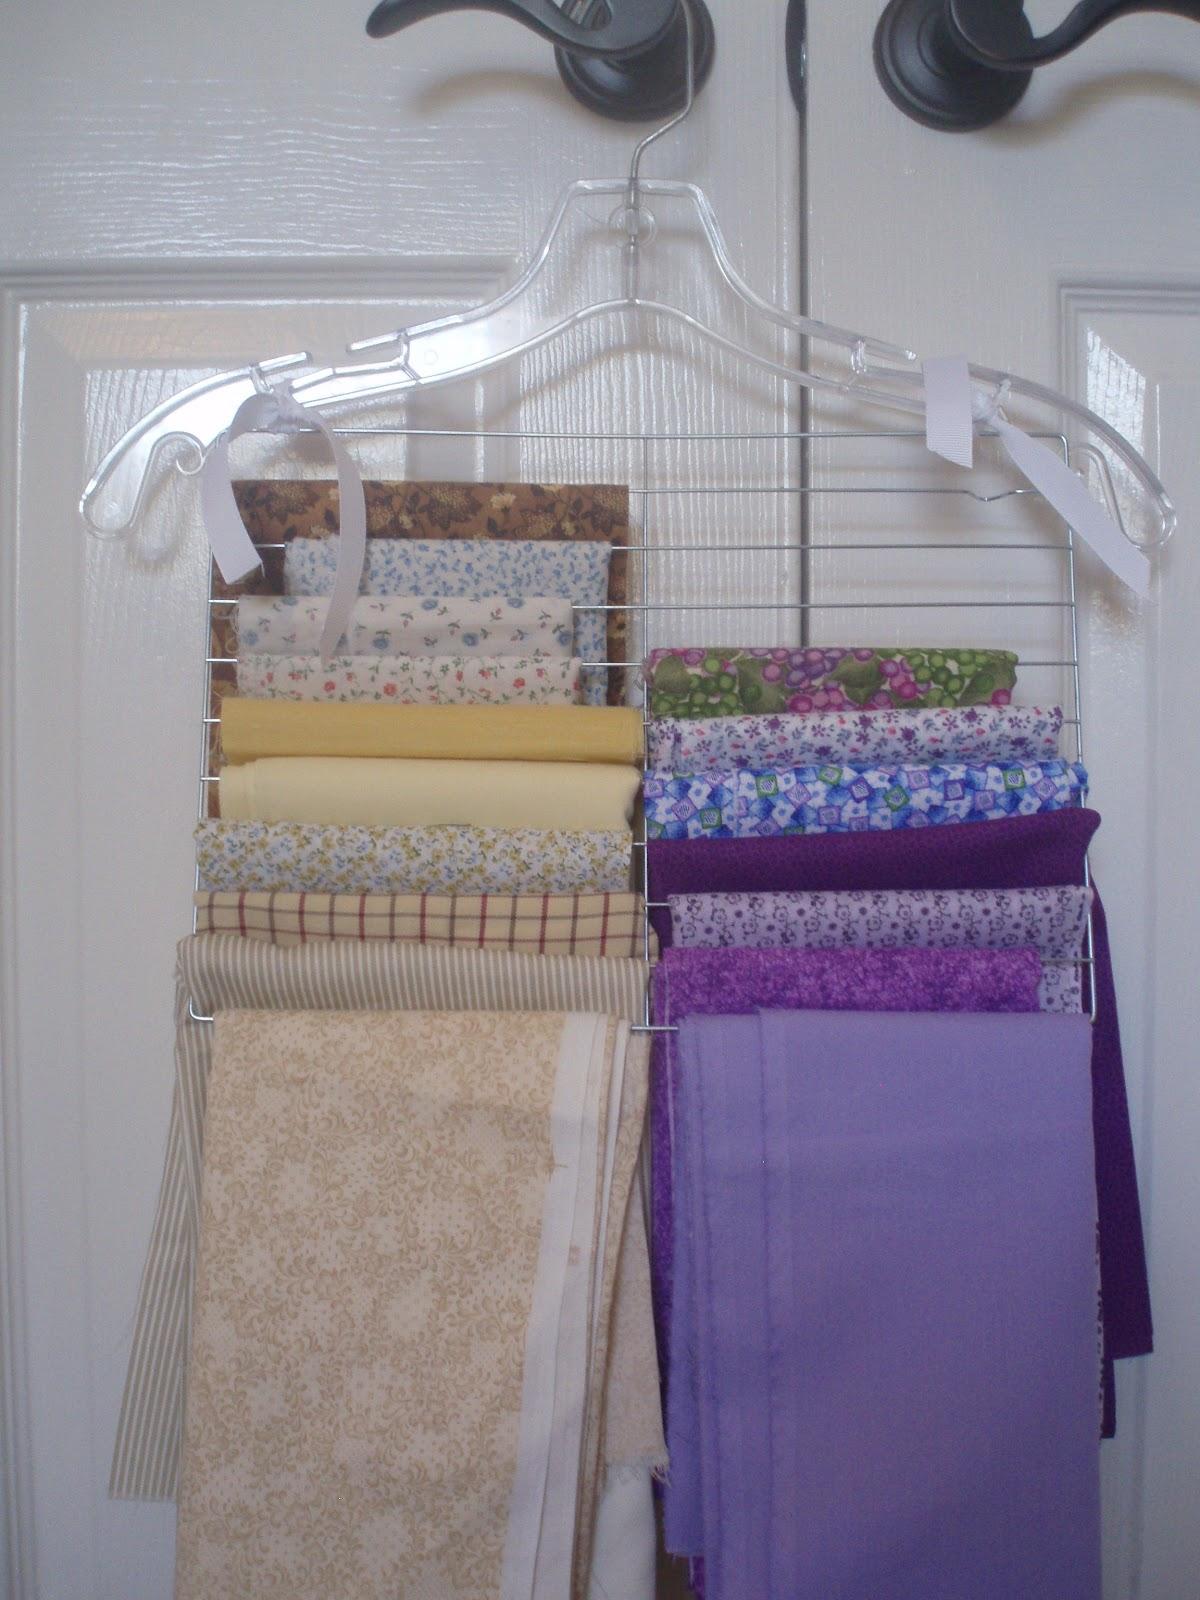 material-hanger-dollar-store-organization.jpg